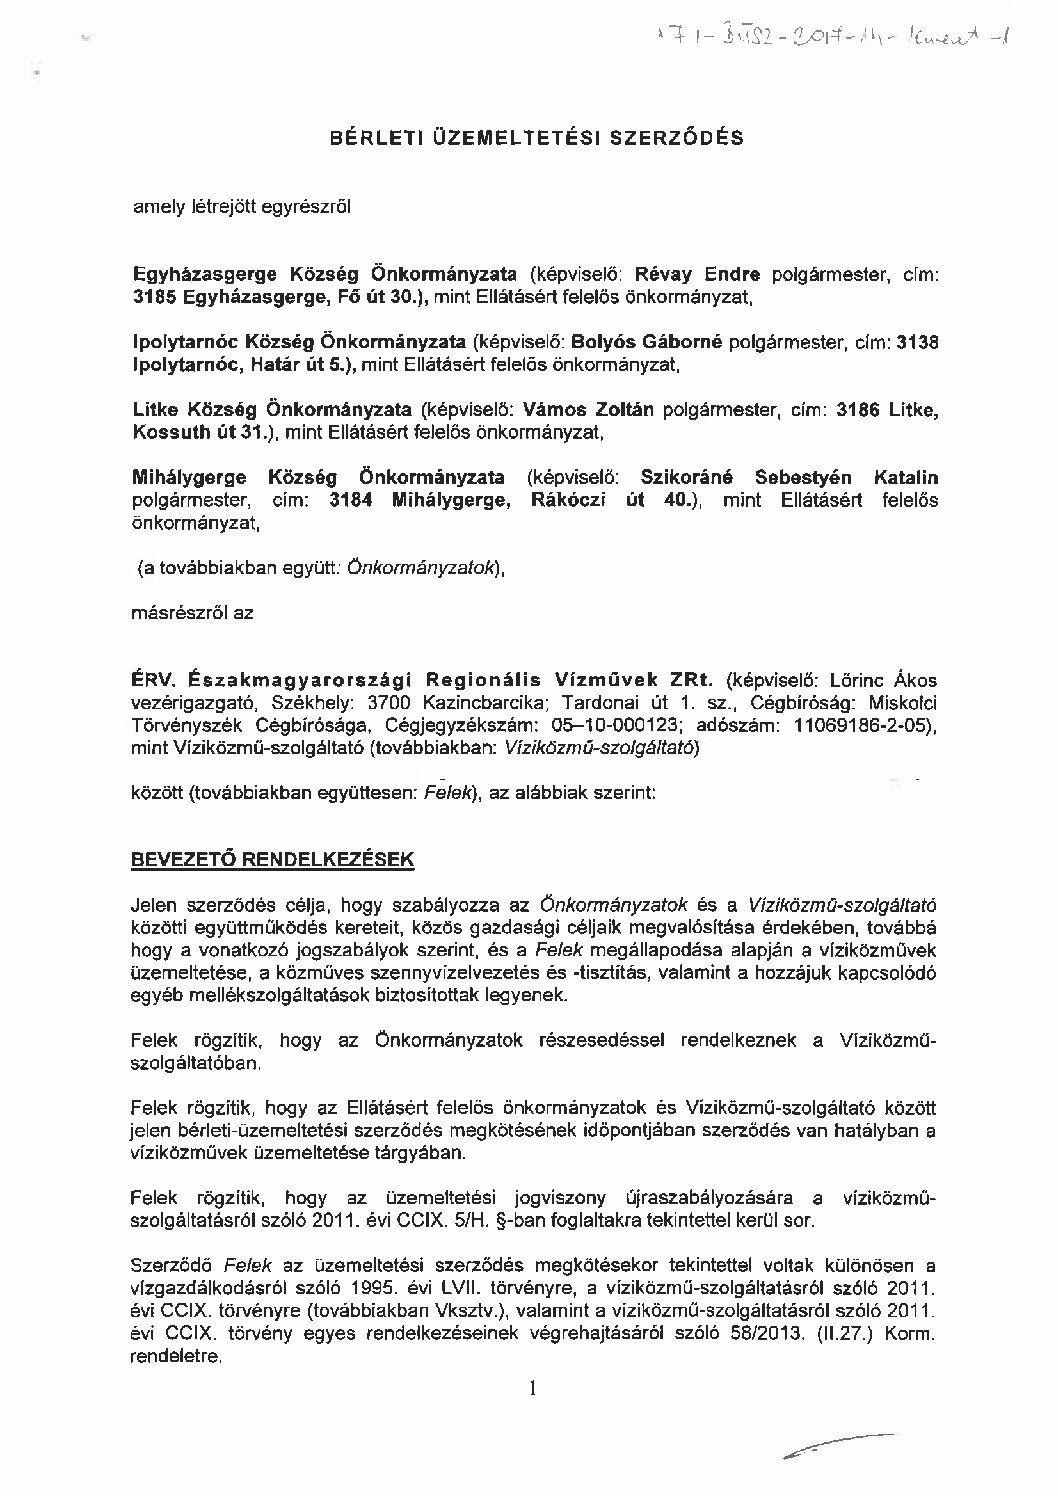 Litke és társult települések szennyvízrendszer (SZ-3-B-1)